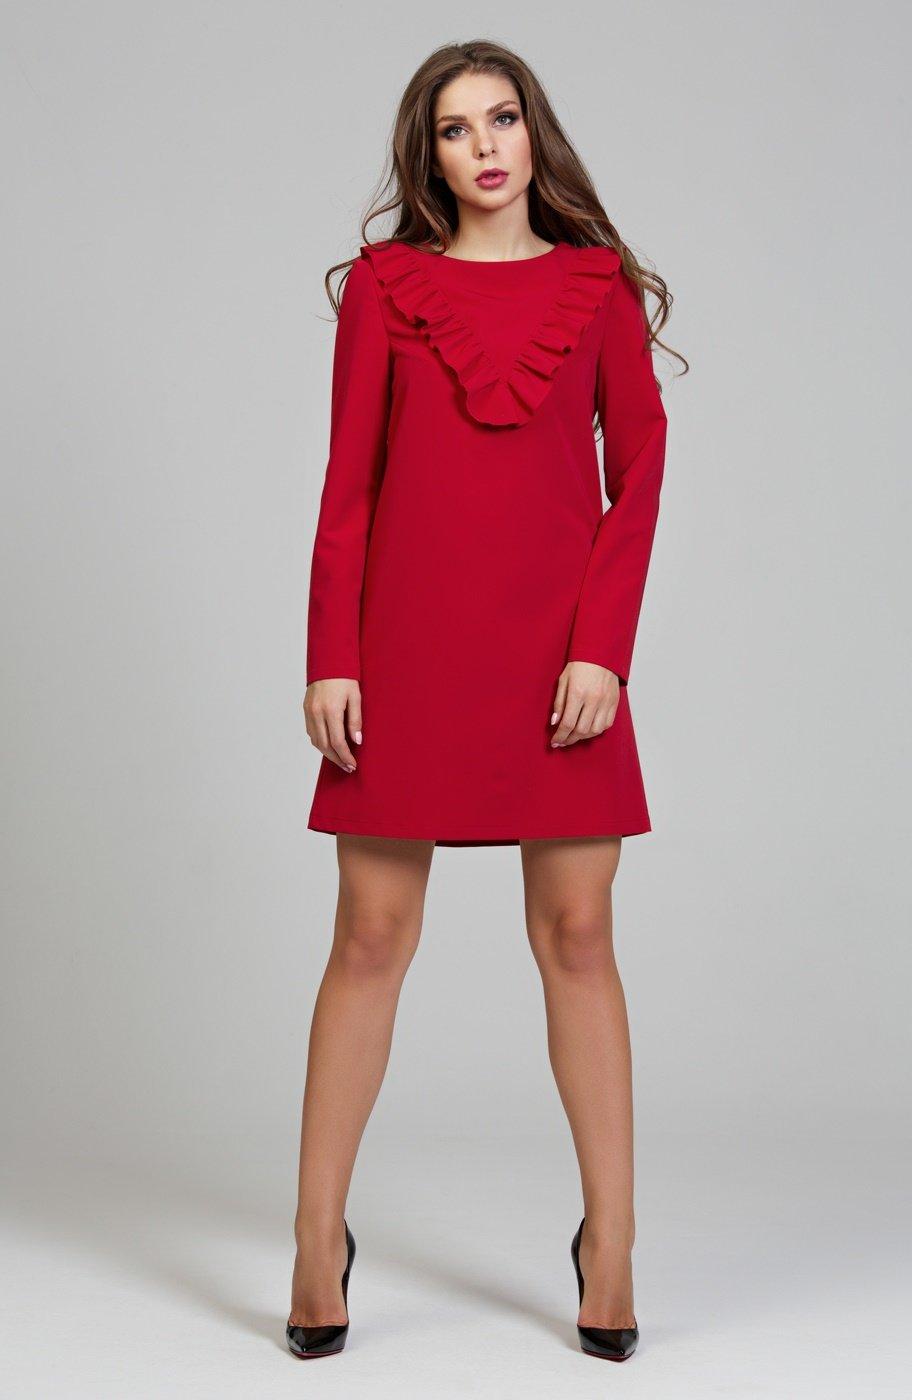 8bda87a7310 Зимние платья – женственность вне времени года» — карточка ...